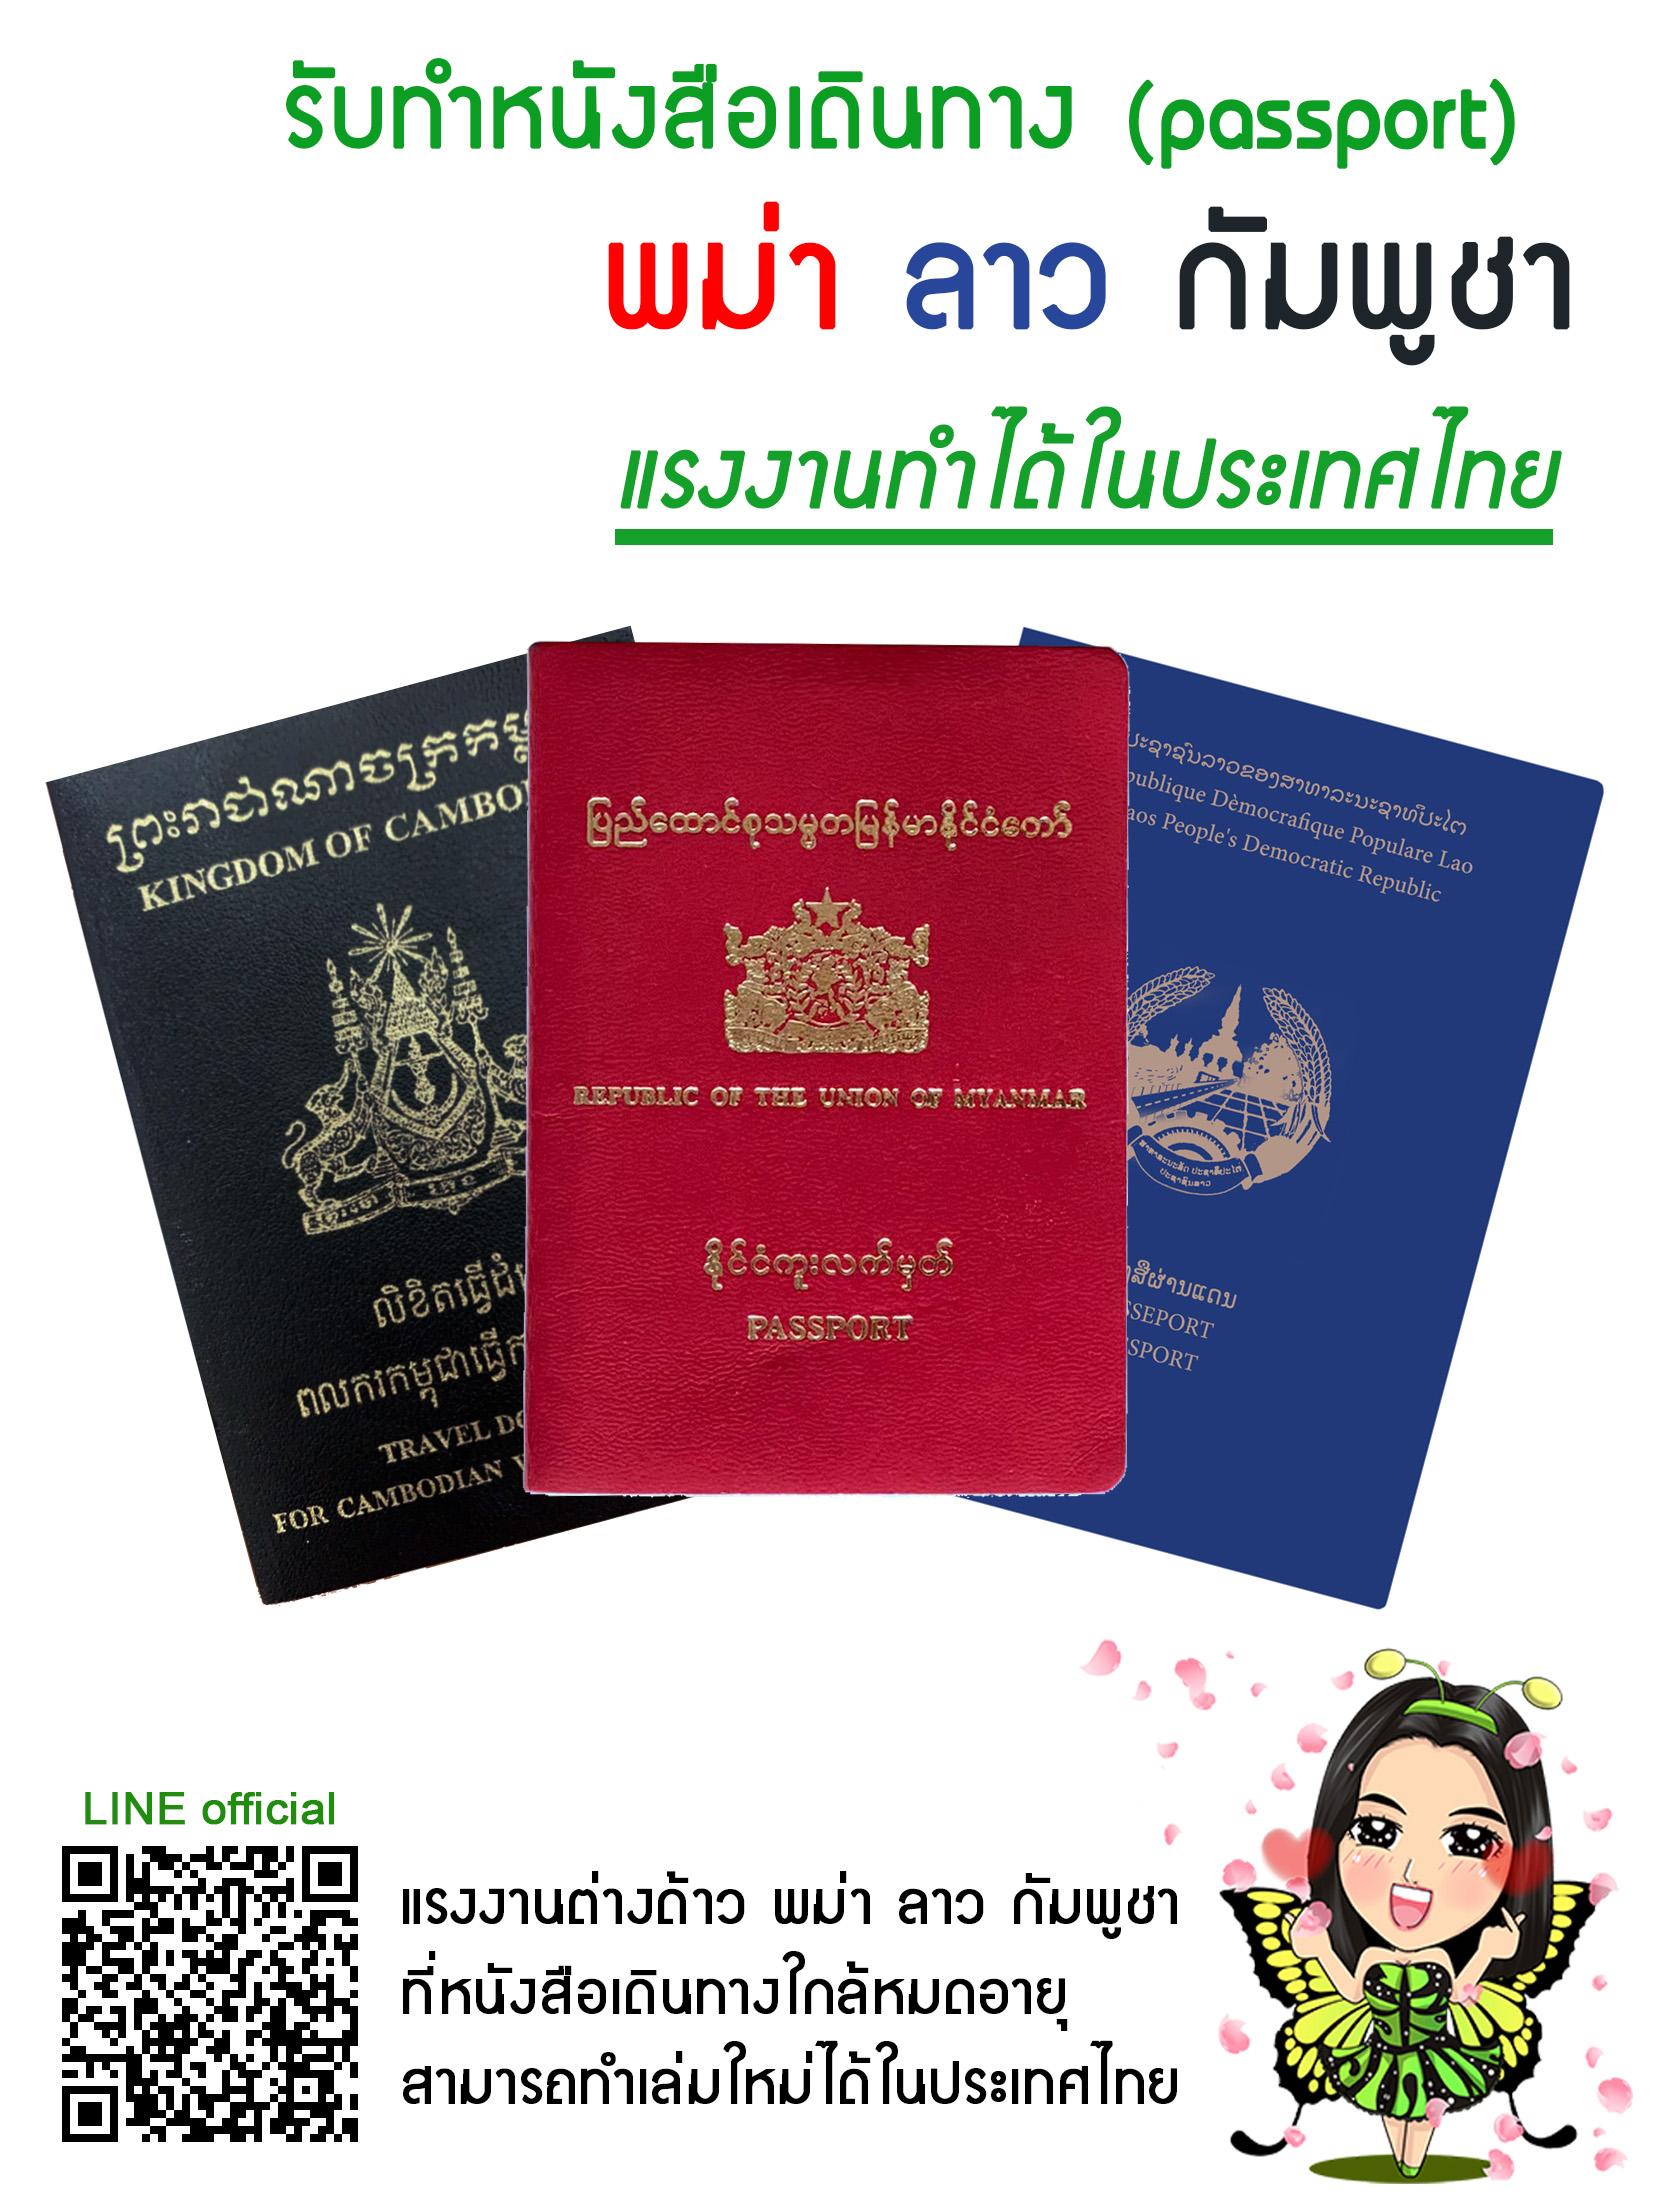 รับทำหนังสือเดินทาง พม่า ลาว กัมพูชา